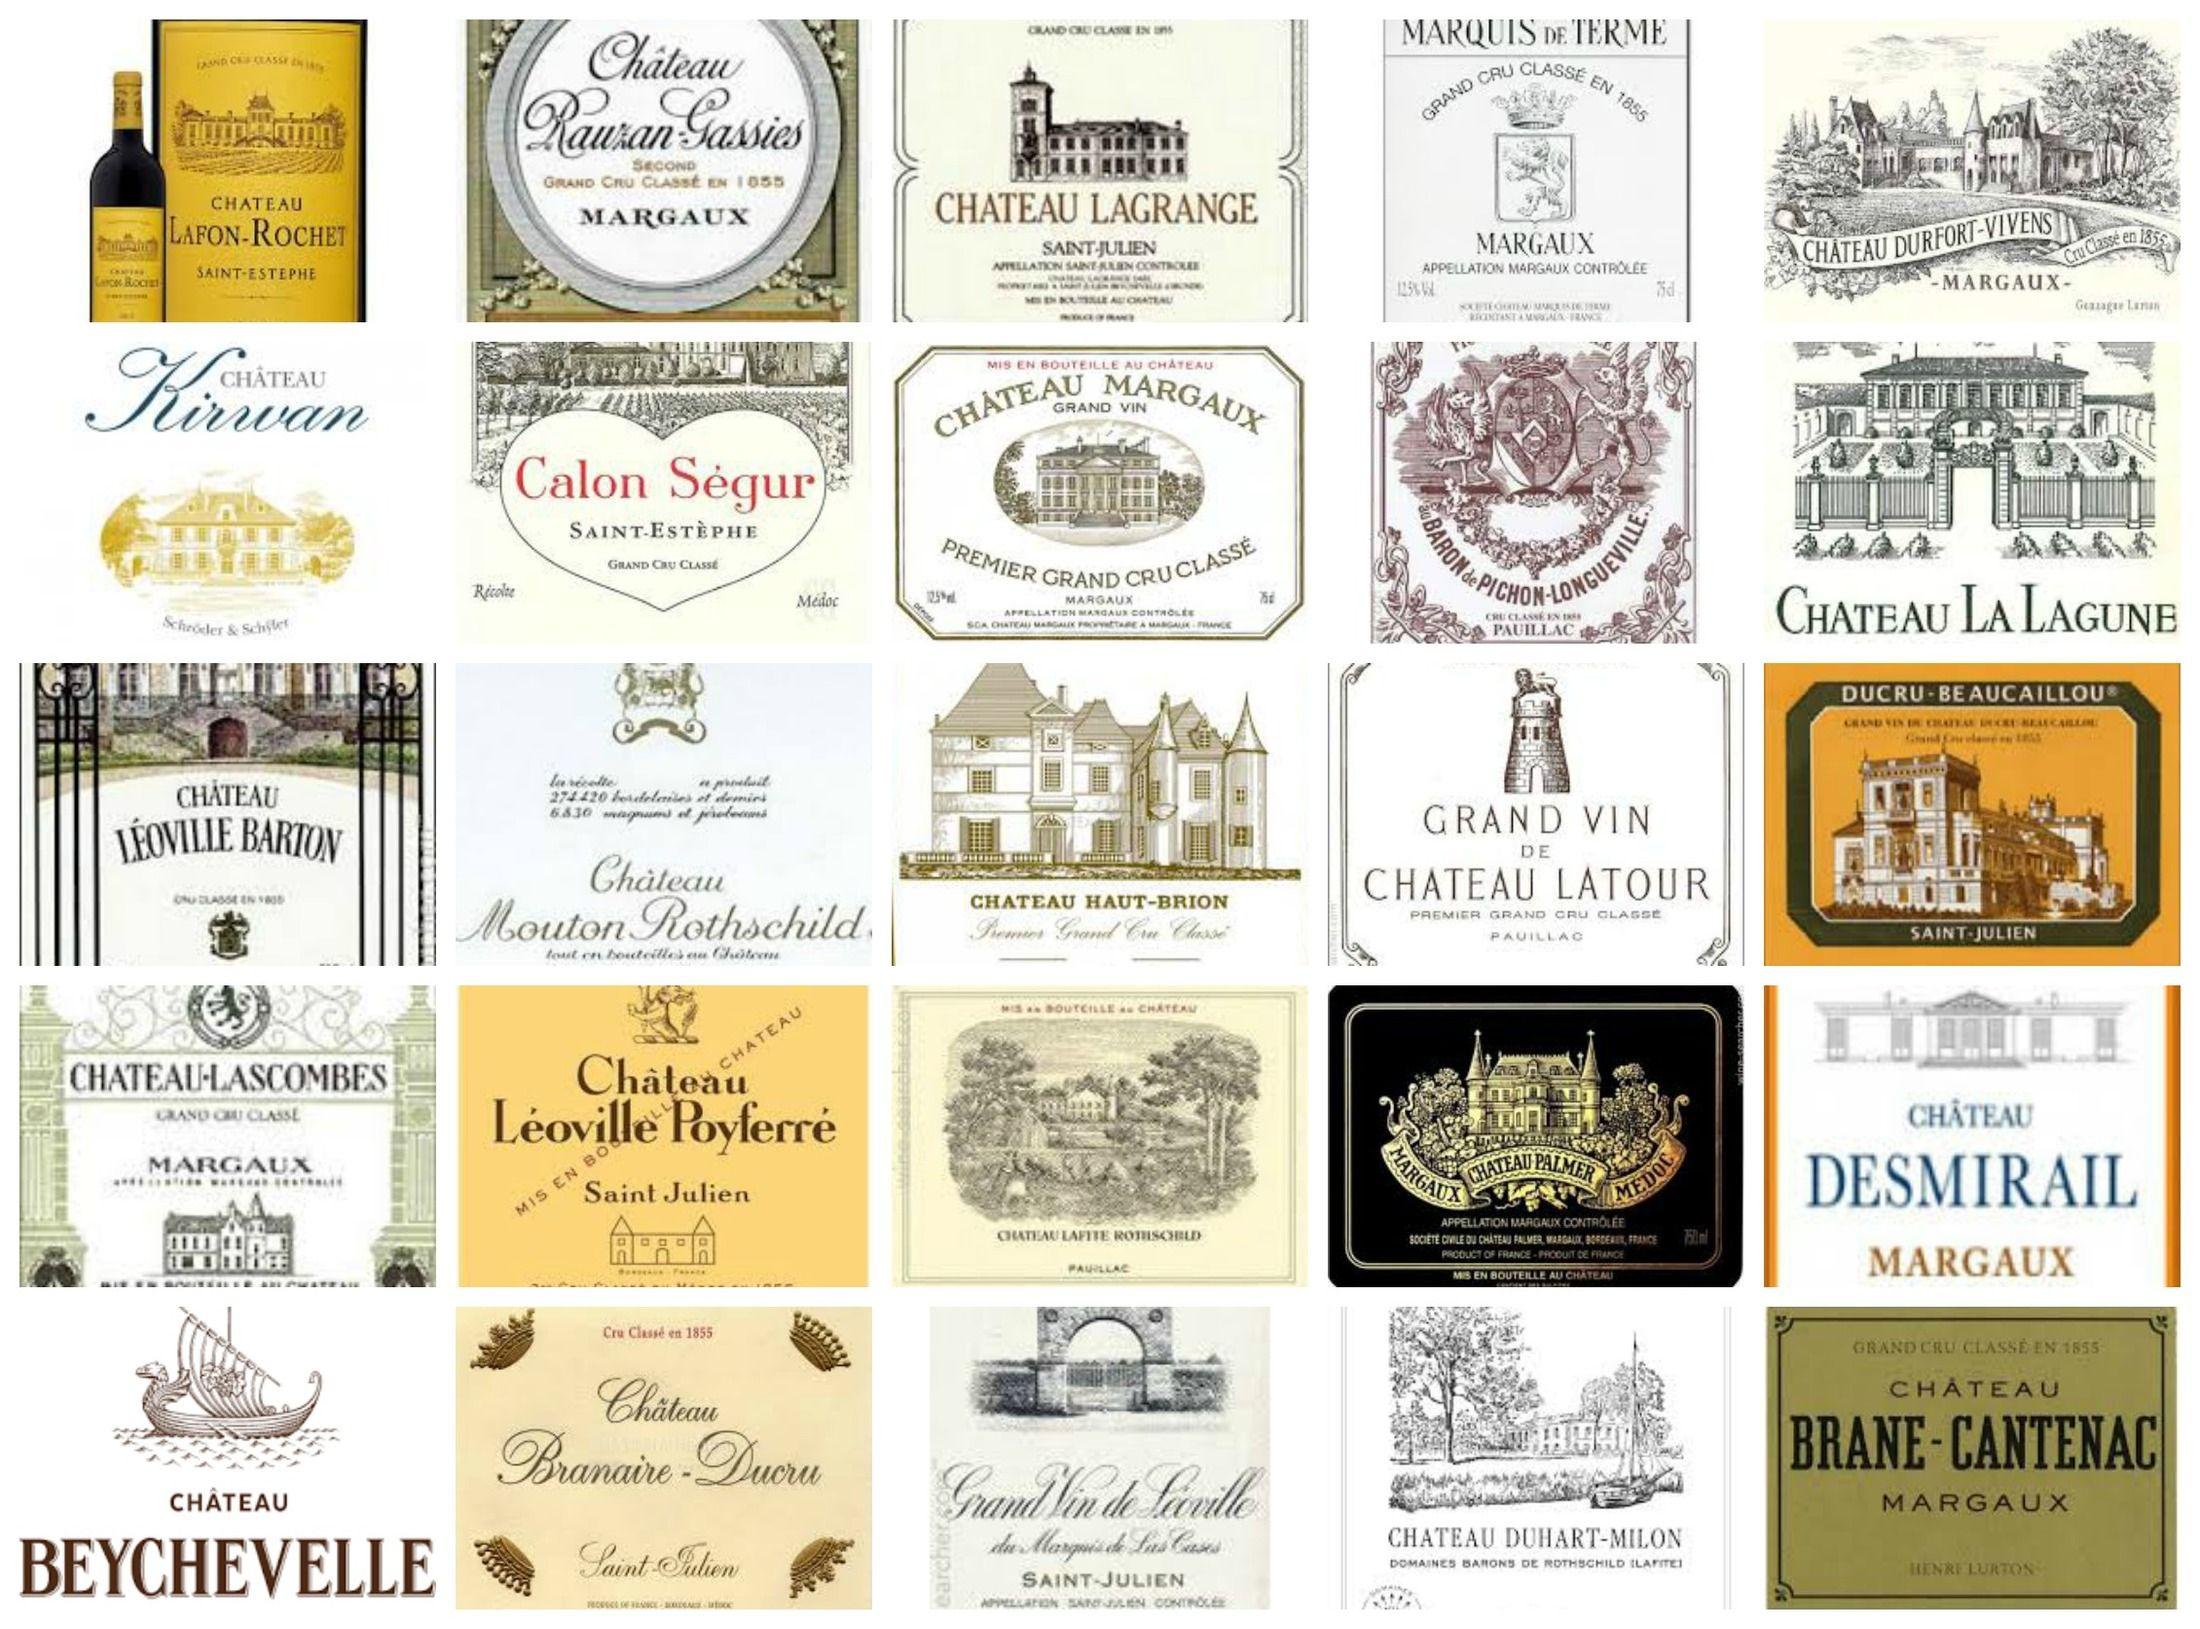 【侍酒師筆記】1855年 Bordeaux列級酒莊列表 – Médoc梅多克篇 + 法文發音